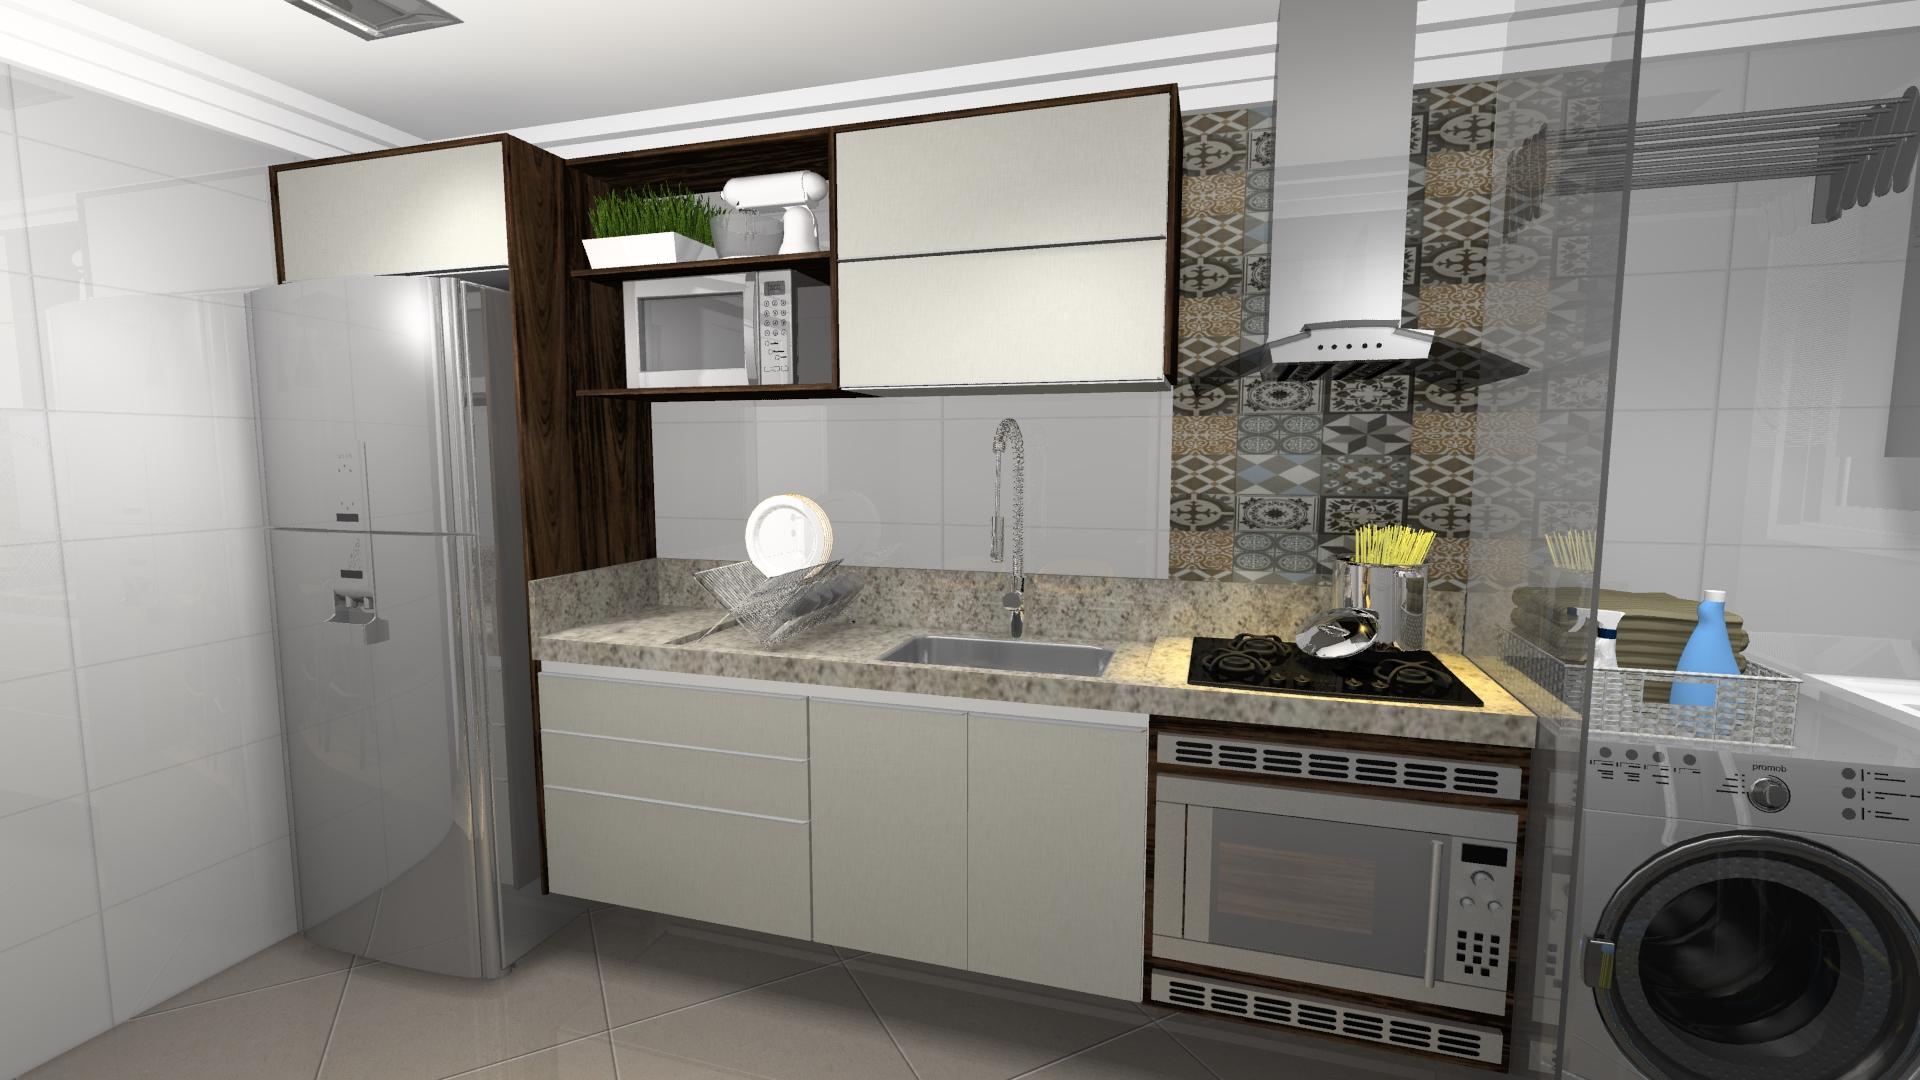 Lacuna M Veis Planejados Promo O Cozinha Planejada M Veis Em  ~ Cozinha Planejada Curitiba